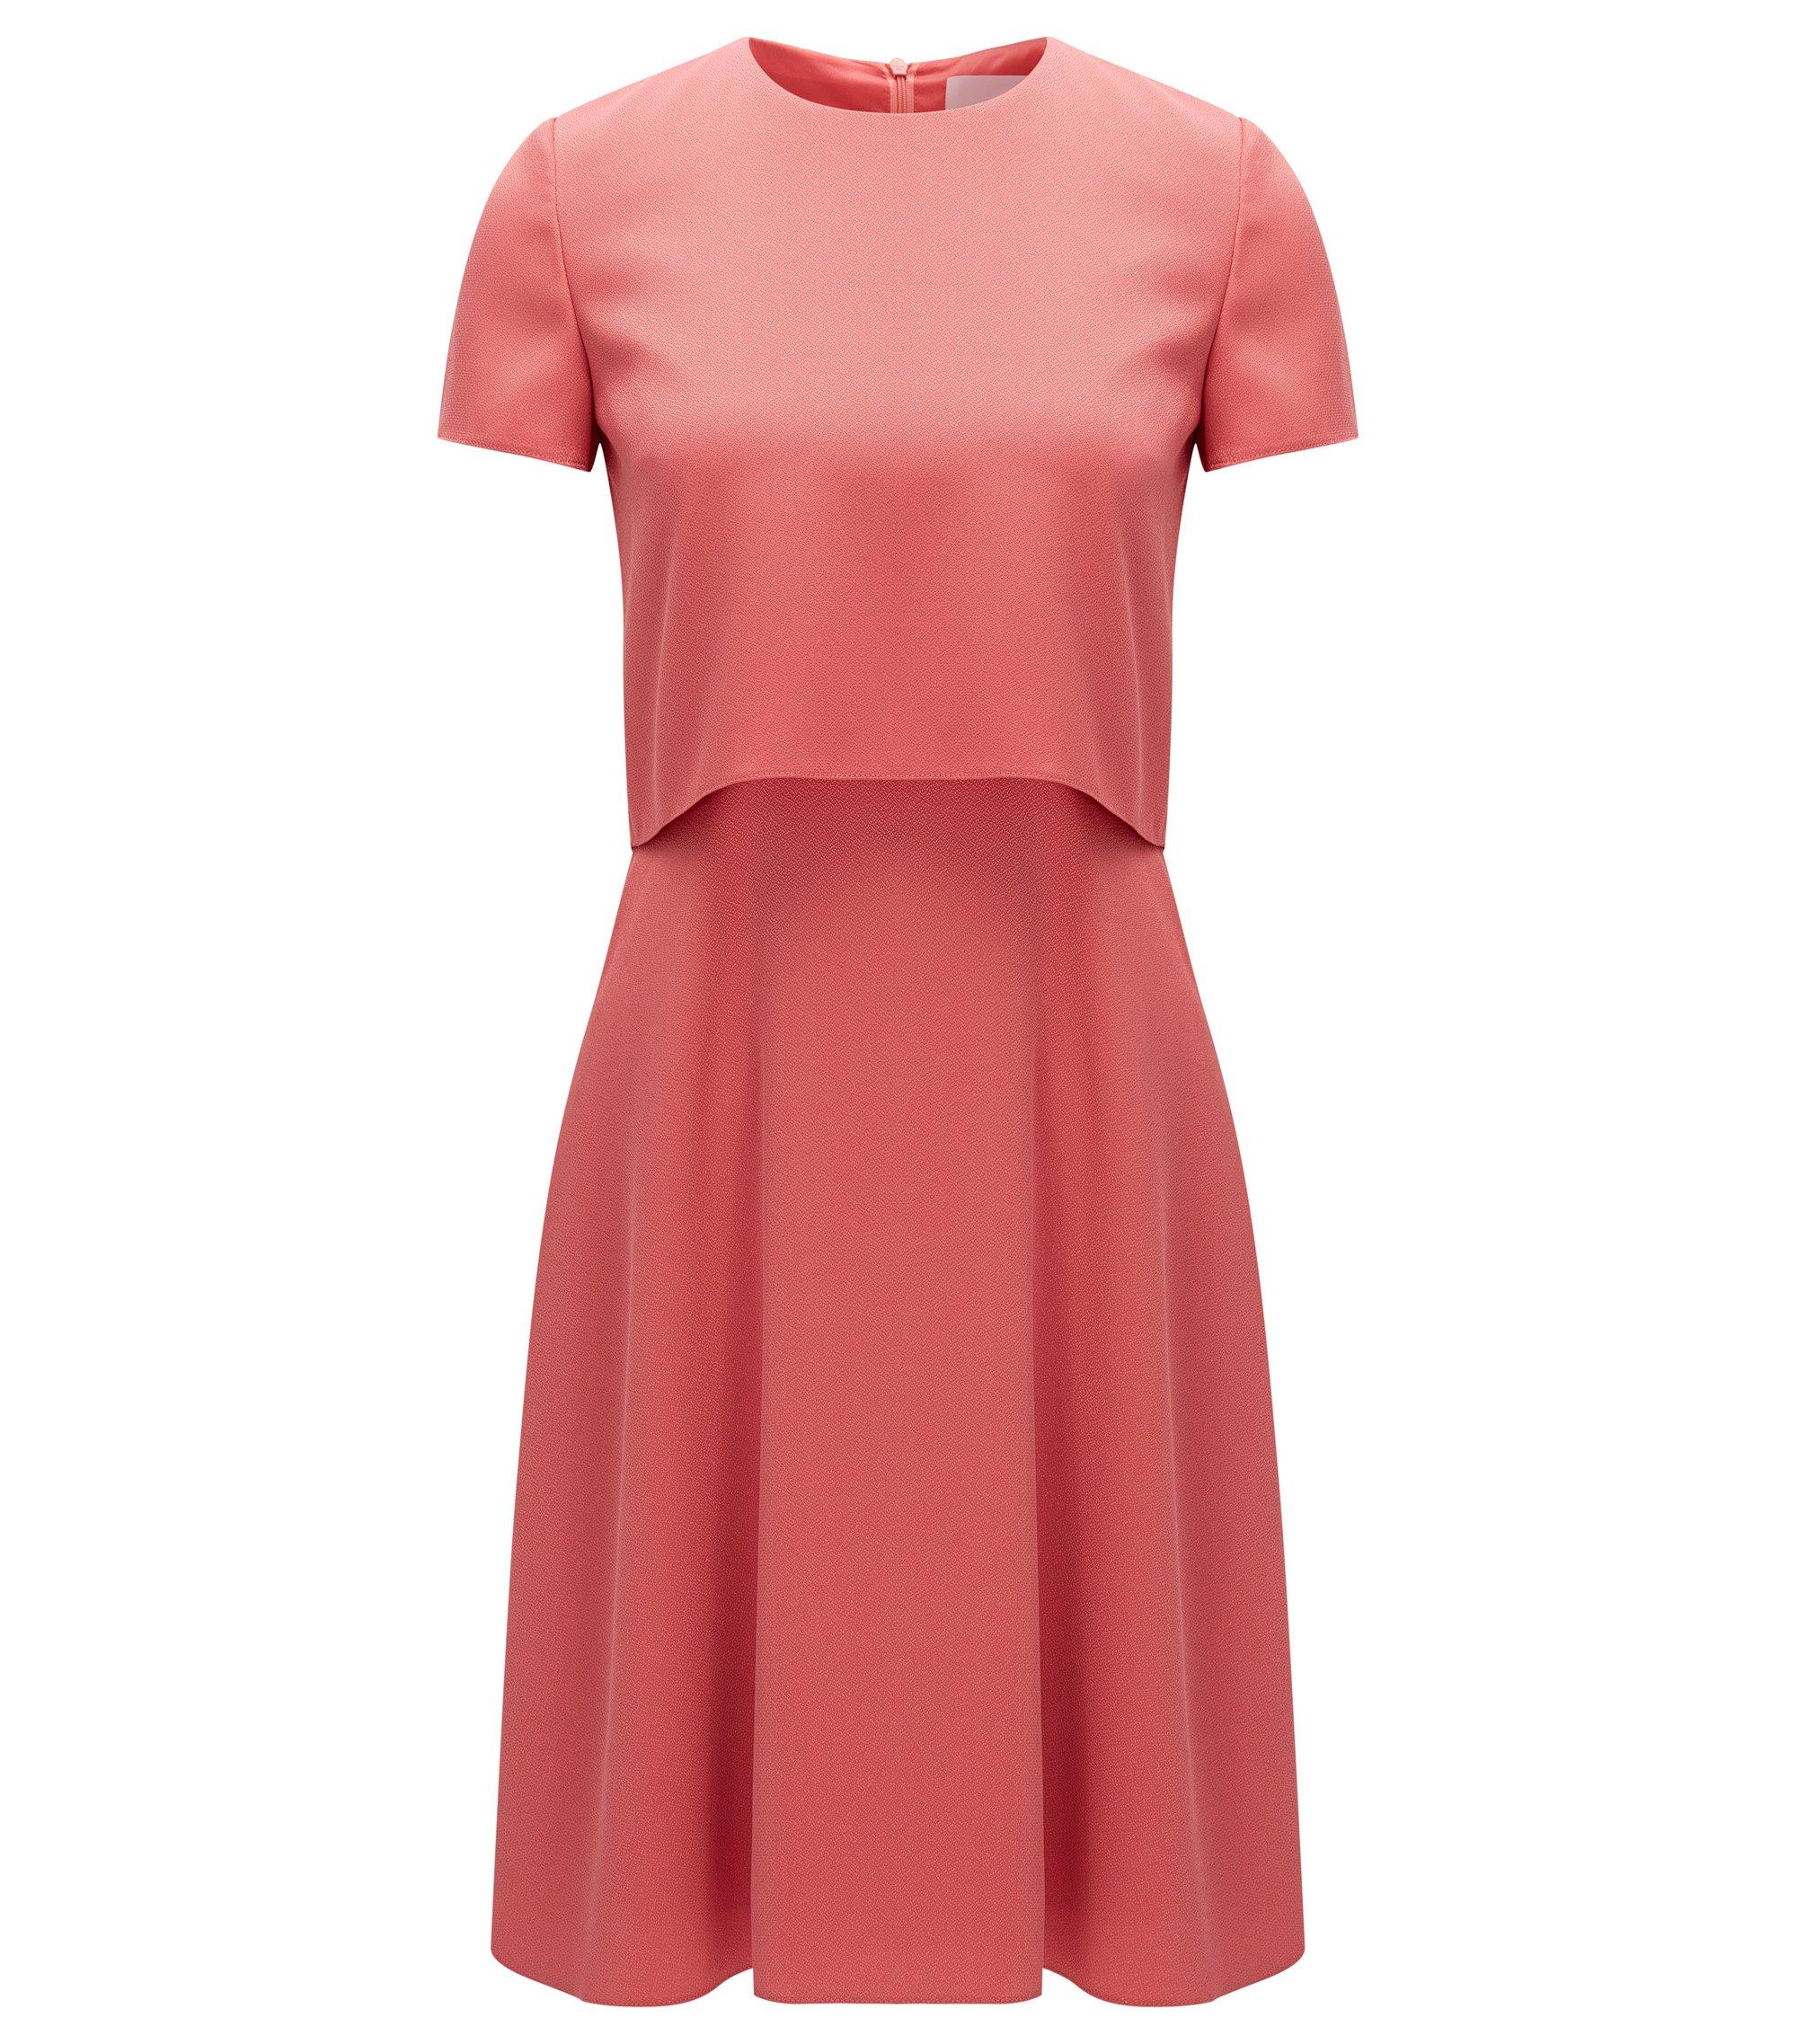 Gelaagde regular-fit jurk van een gehamerde stof, lichtrood